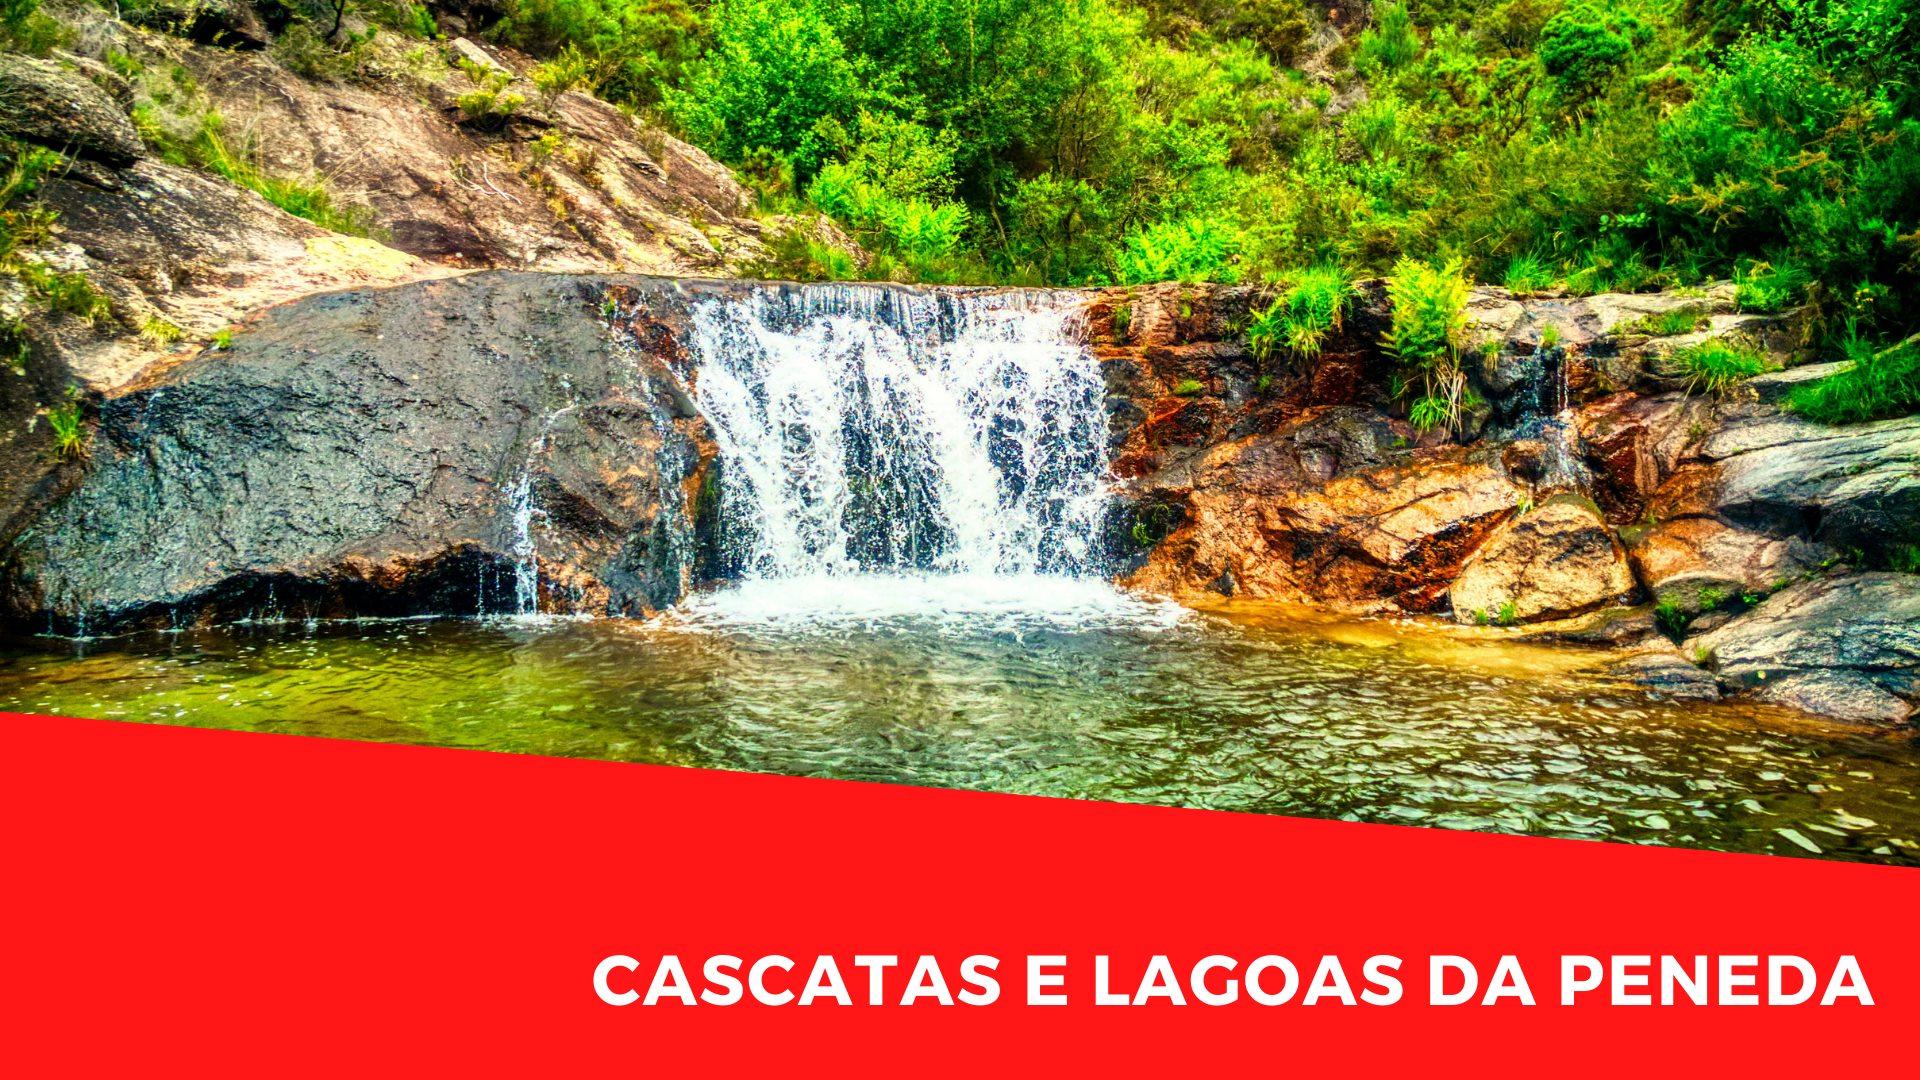 Cascatas e Lagoas da Peneda